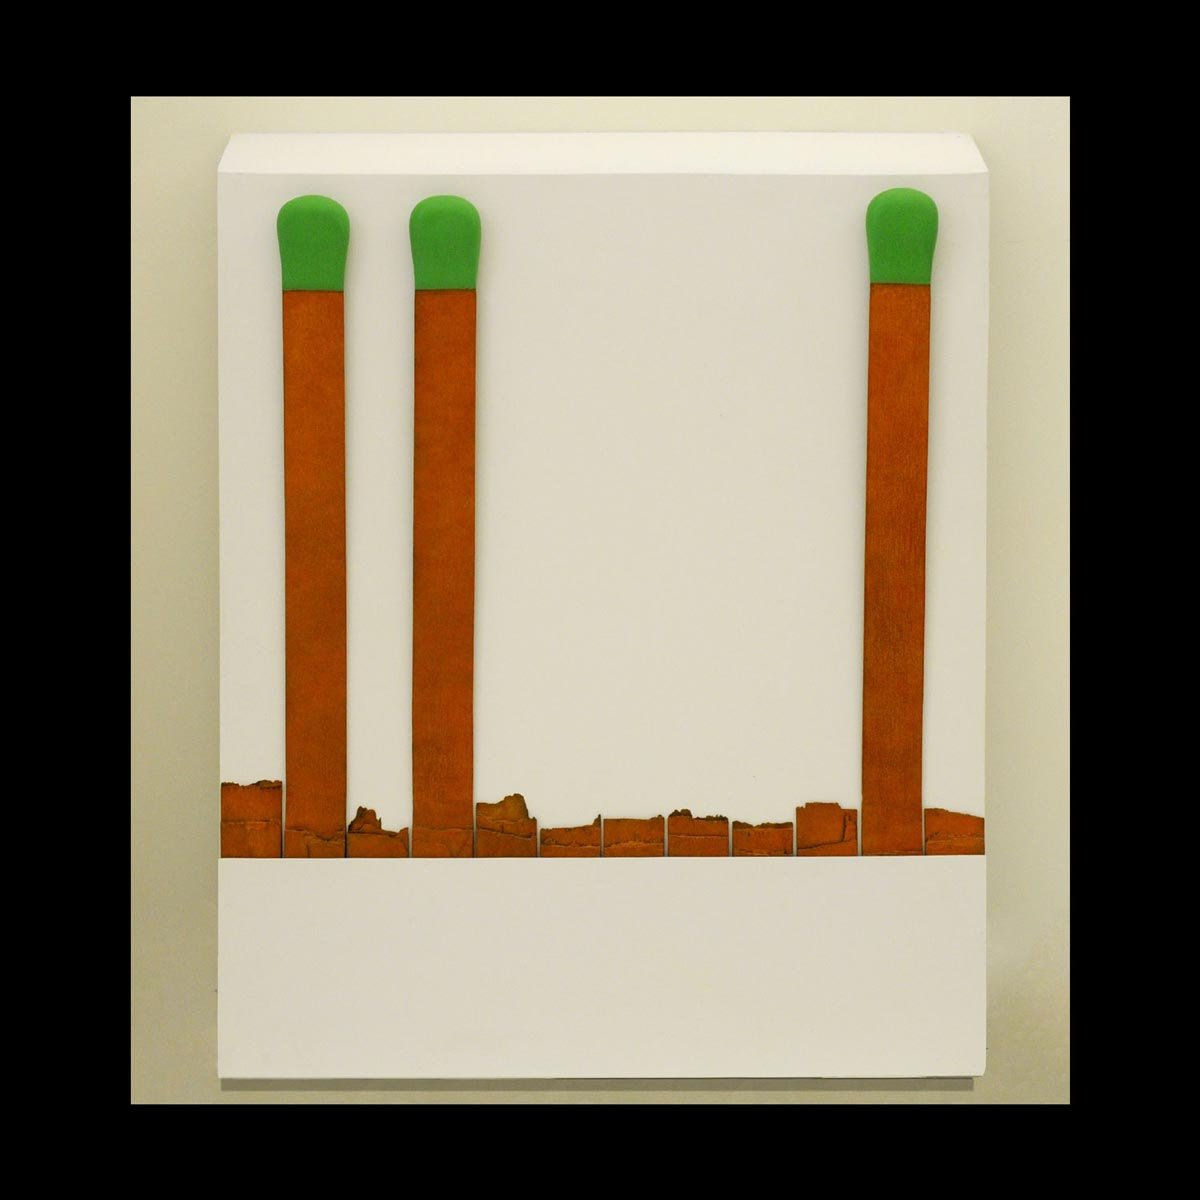 Raymond Hains, Sans titre (Pochette d'allumettes), 2005. Bronze à la cire perdue, patiné, 97,5 x 78,5 x 12 cm